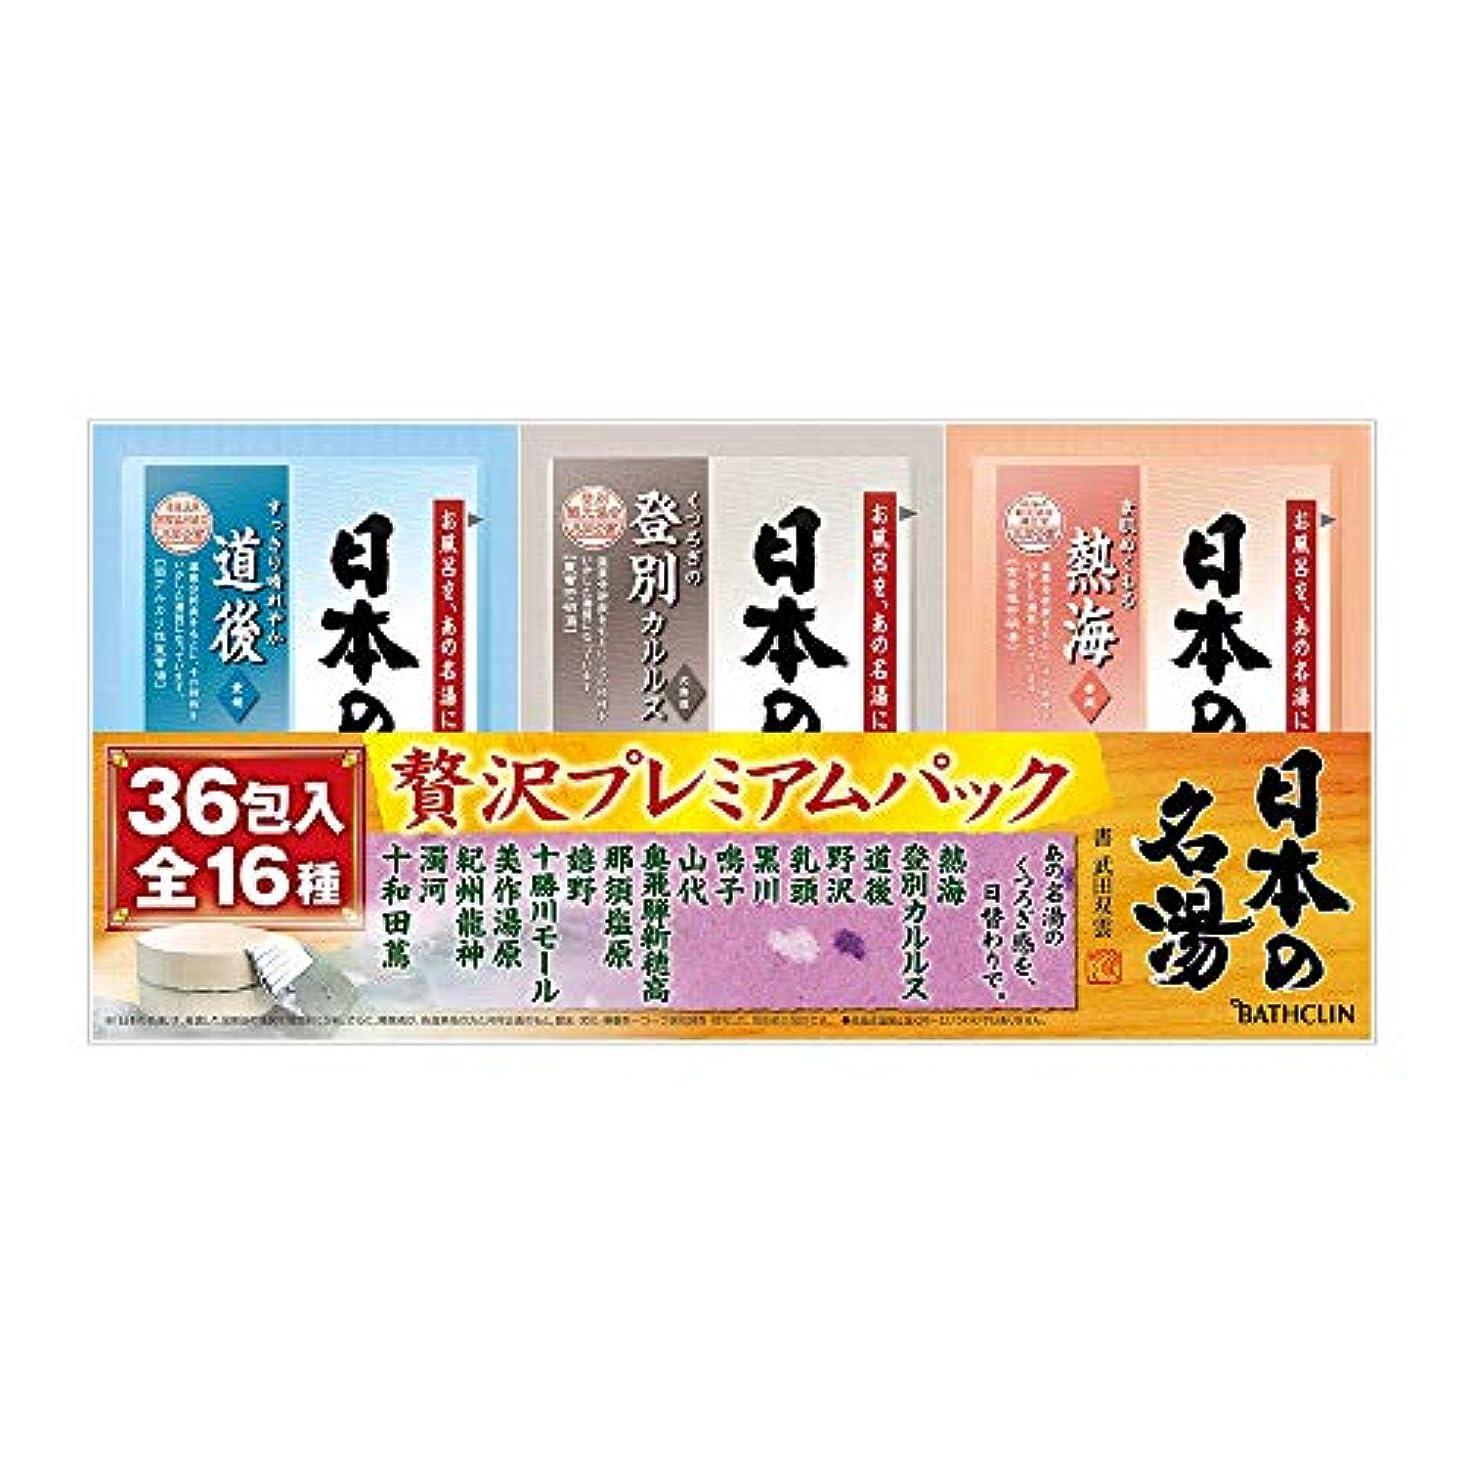 かご指定計算可能【医薬部外品/大容量】日本の名湯入浴剤 贅沢プレミアムパック36包入 個包装 詰め合わせ 温泉タイプ